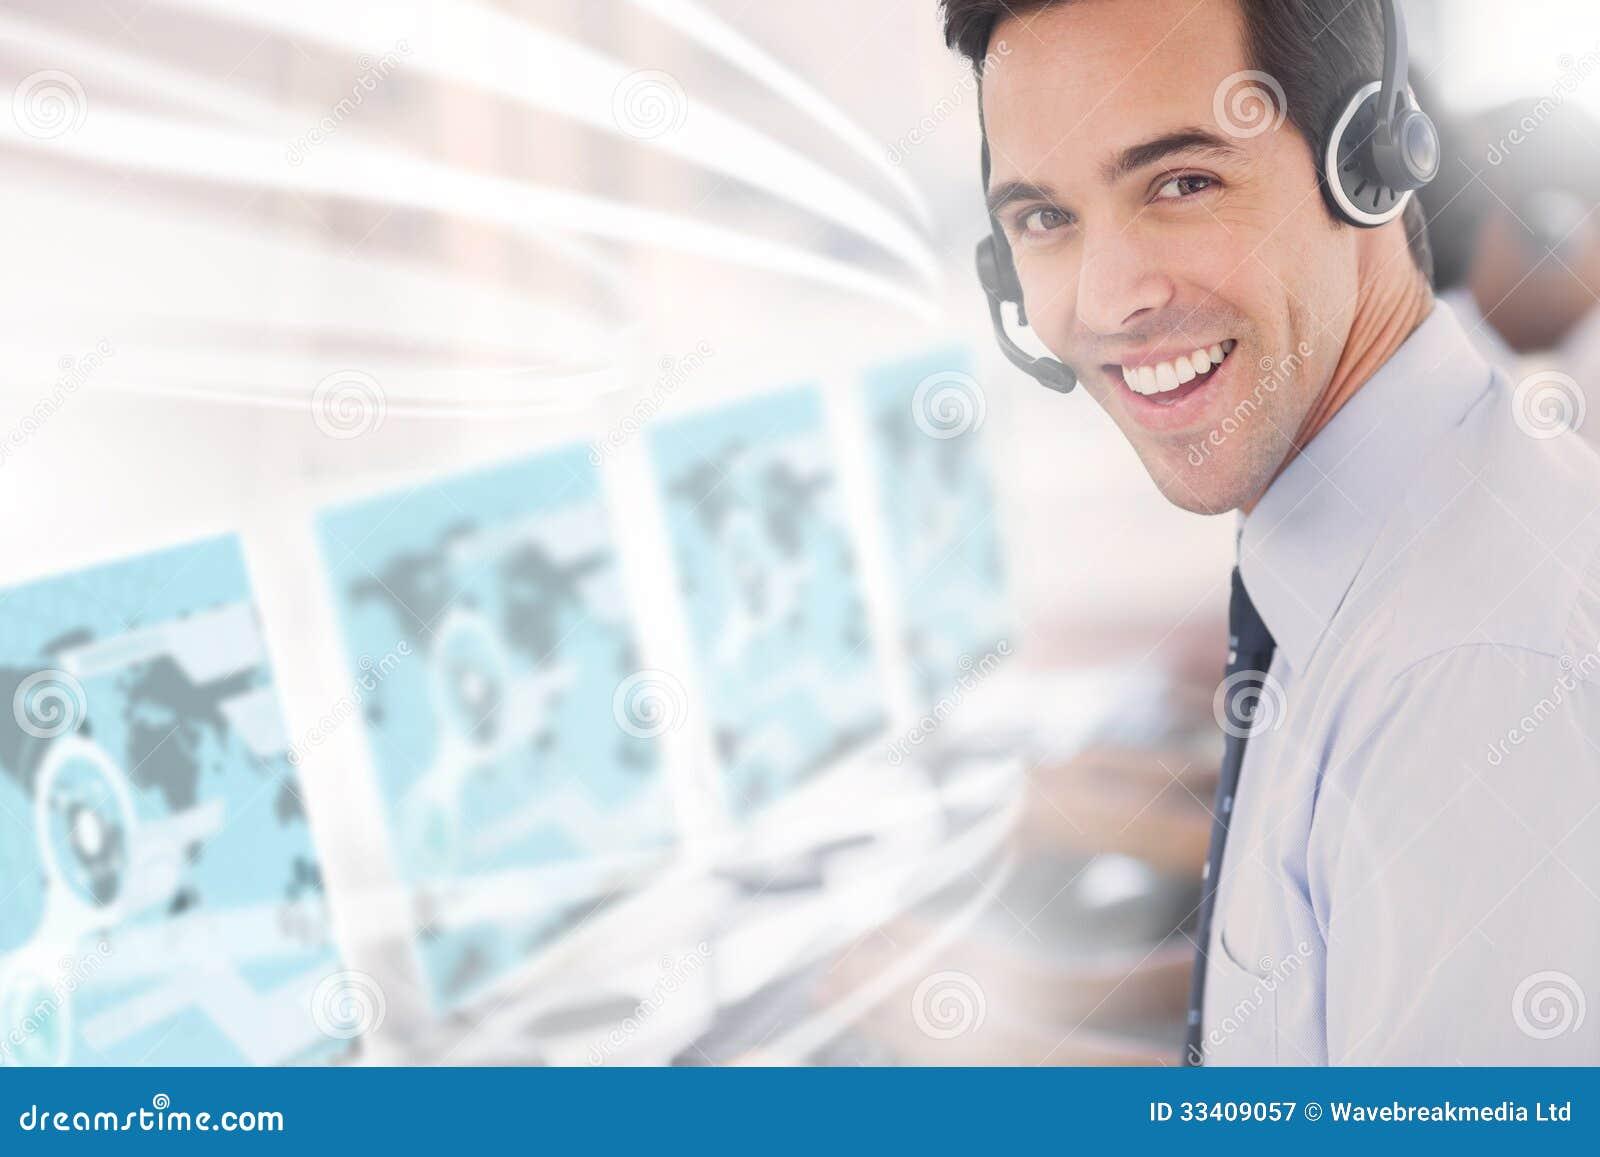 Centrum telefoniczne pracownik używa futurystycznego interfejsu hologram